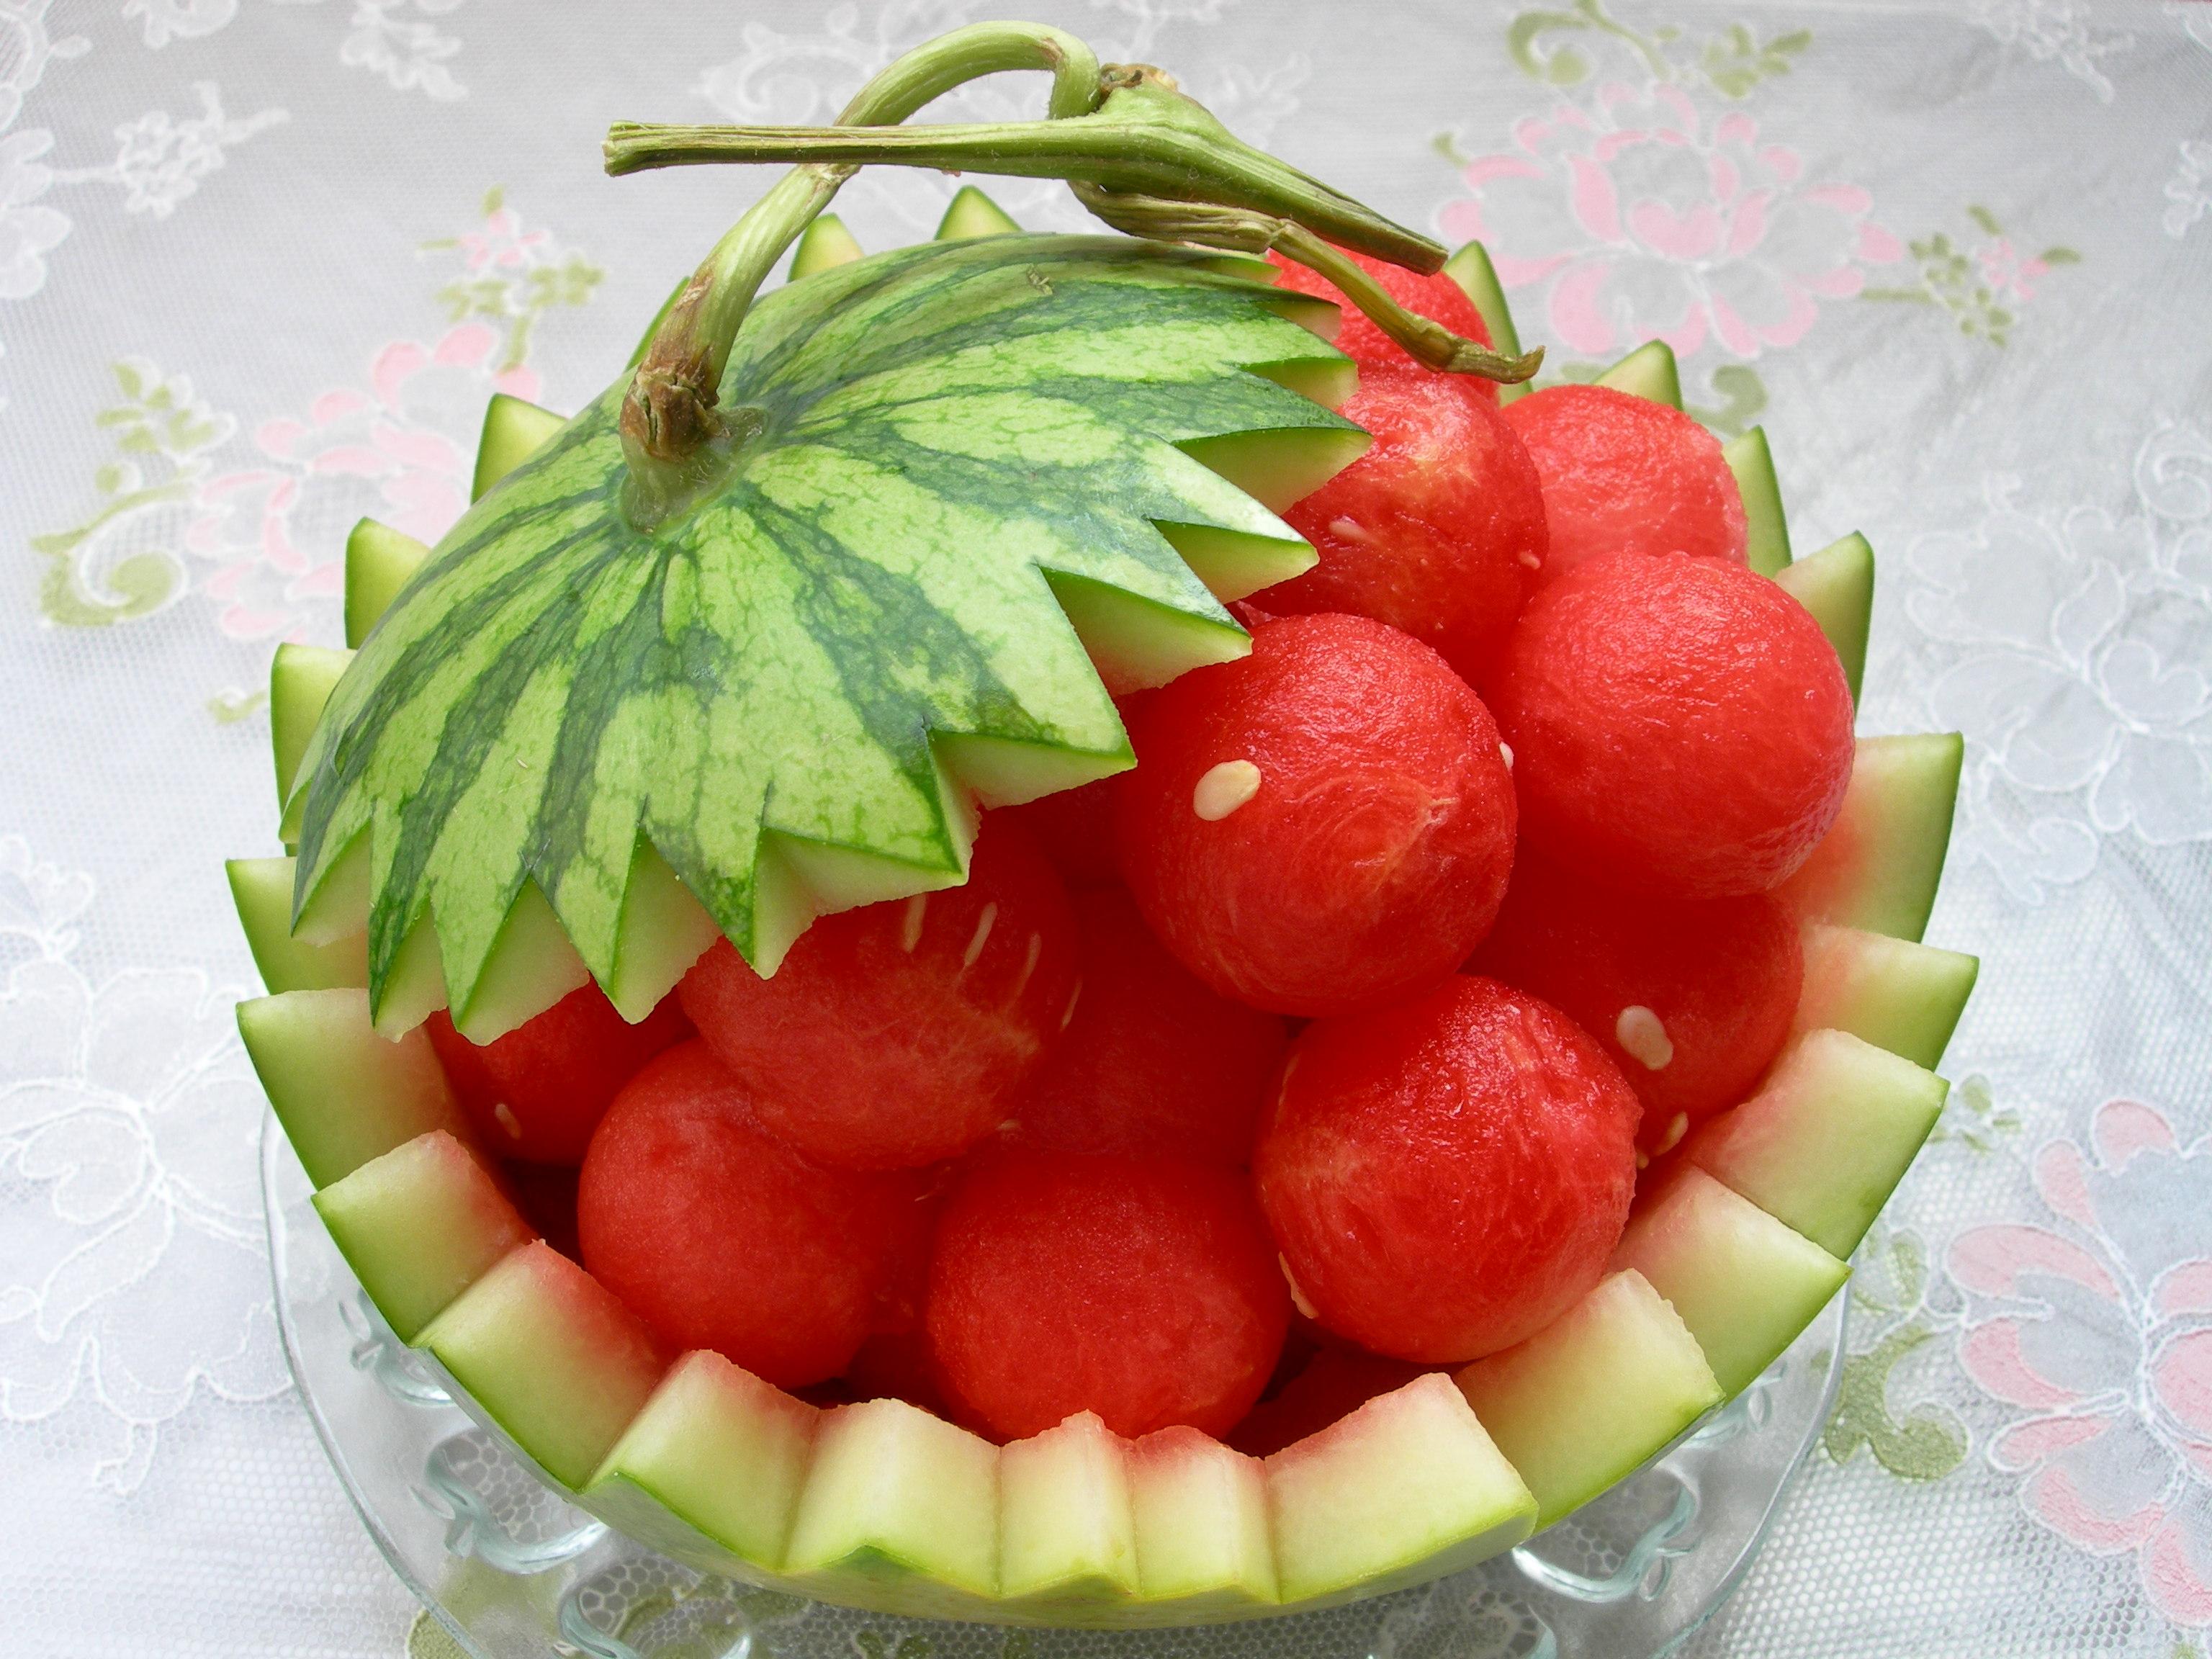 Điểm mặt những trái cây ăn nhiều sẽ không tốt 2